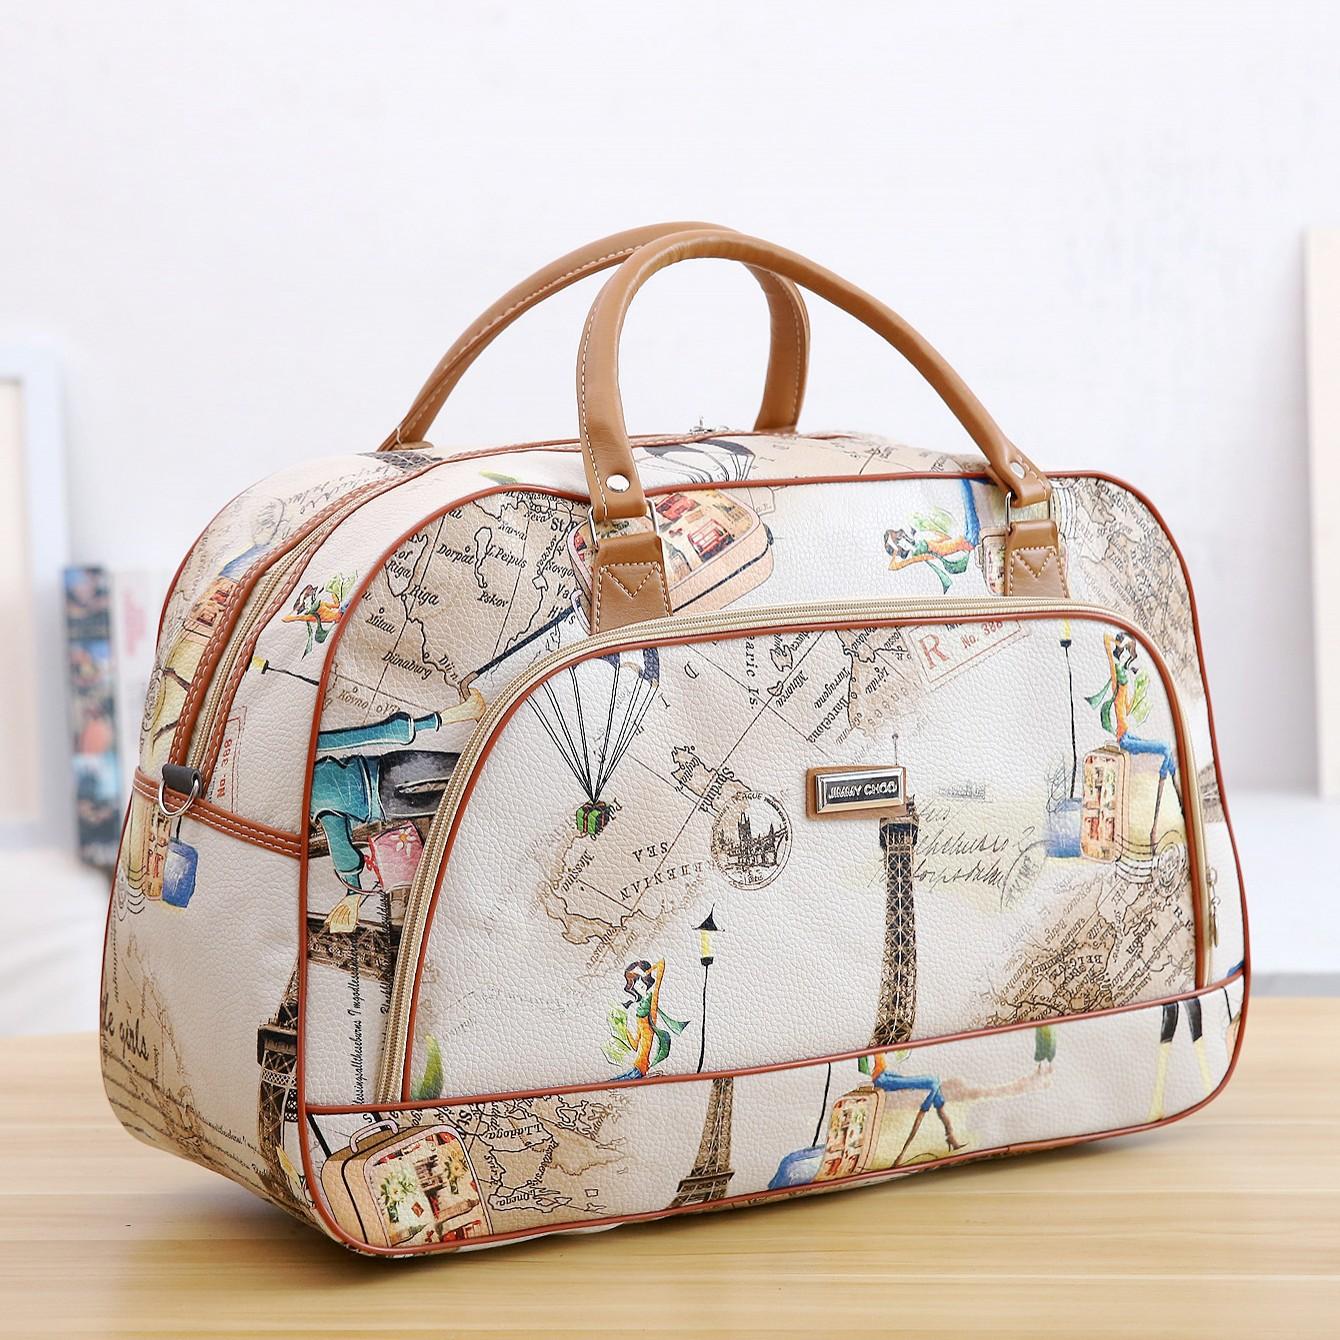 厂家直销手提旅行包行李袋PU礼品包大小包防水短期旅游单肩包